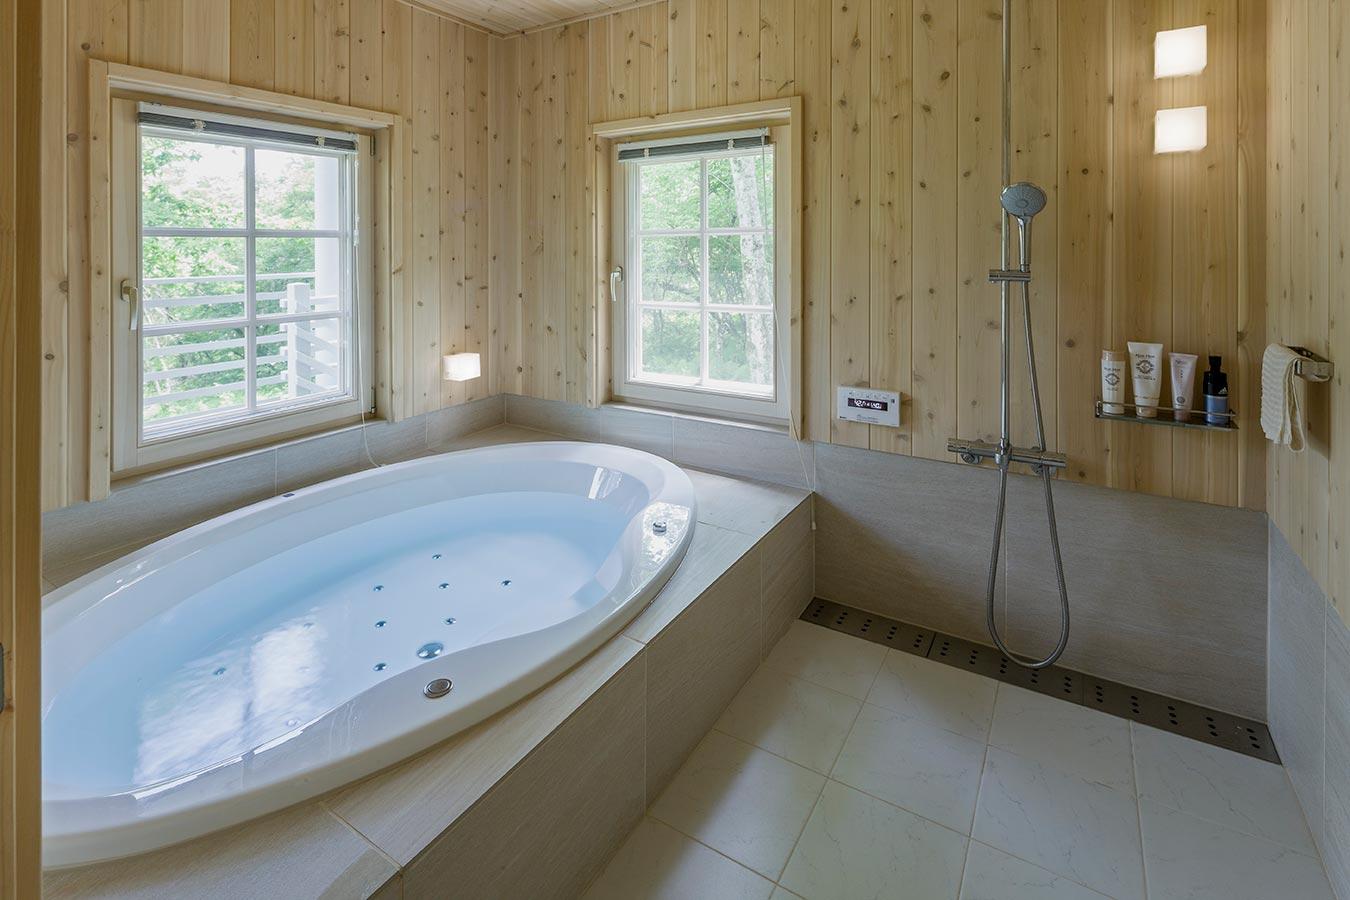 広々としたバスルーム。景色を楽しめます。